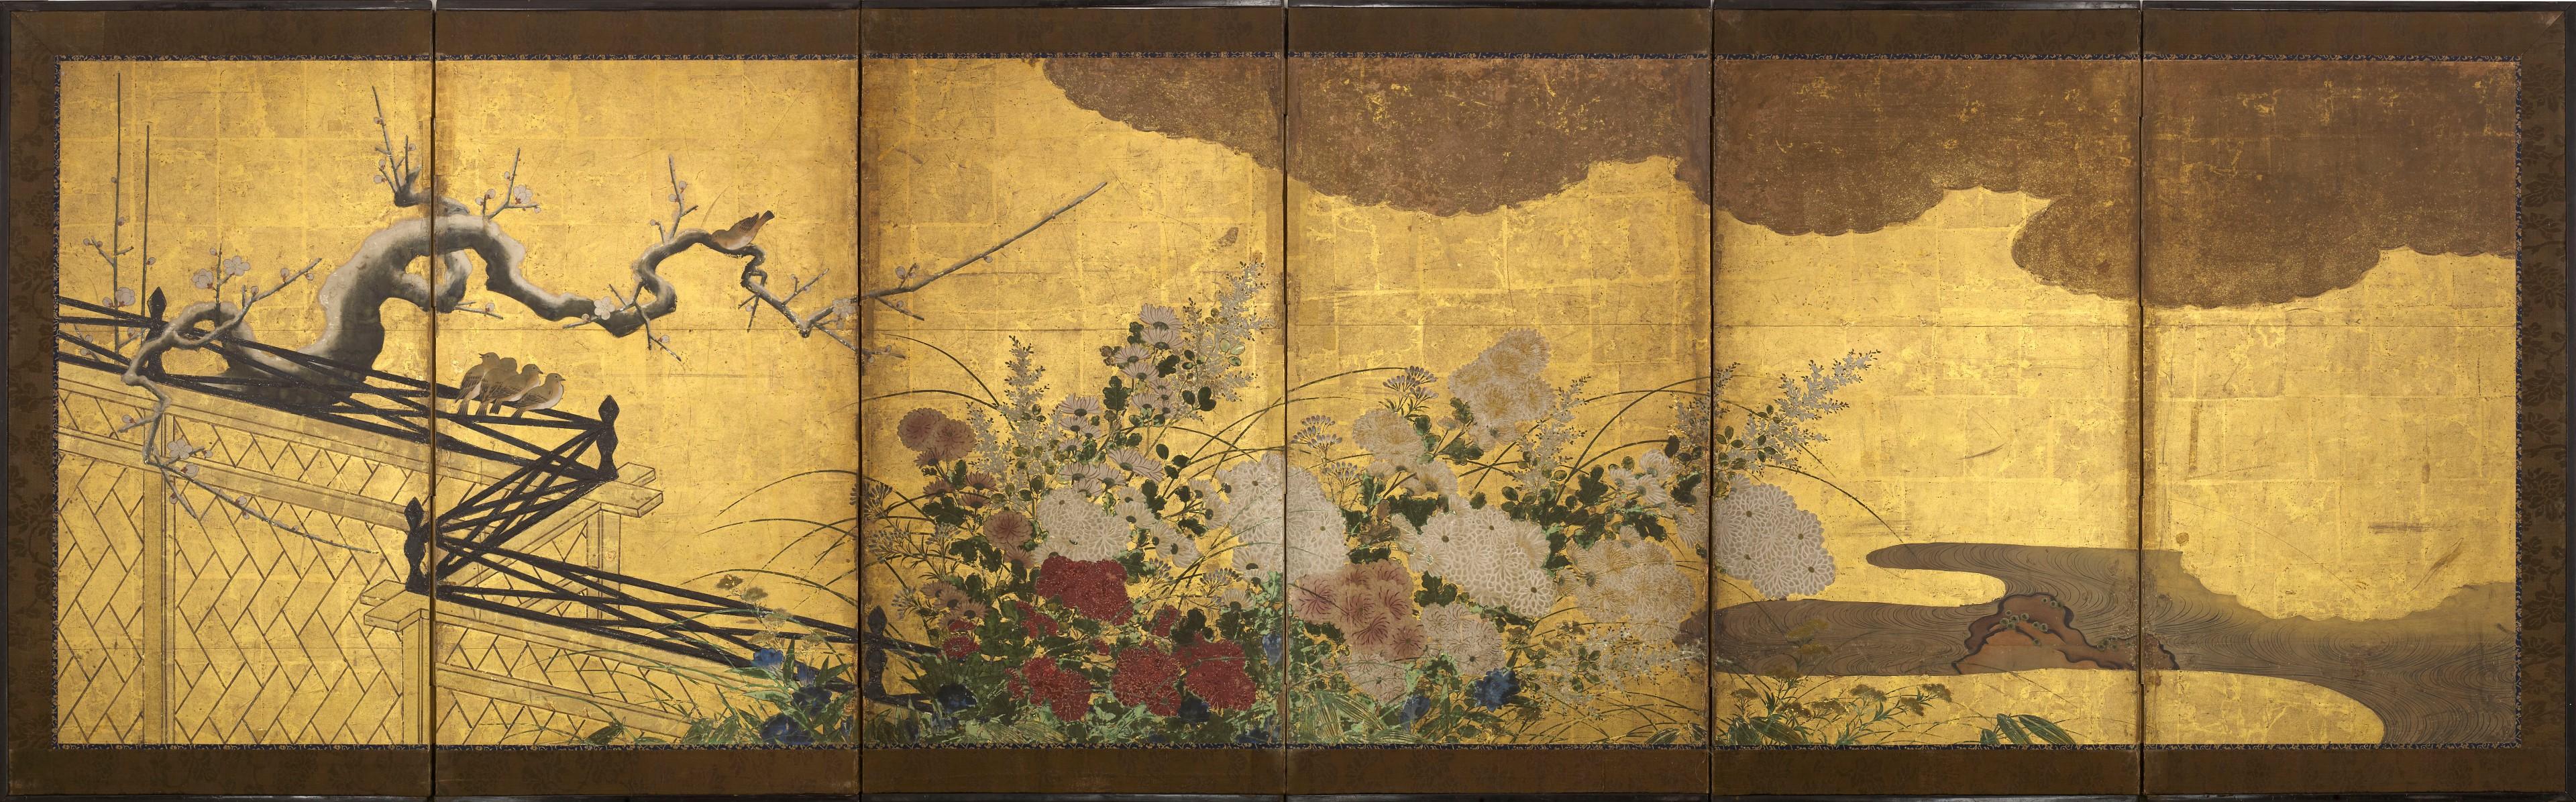 6788 - Gregg Baker: Asian Art